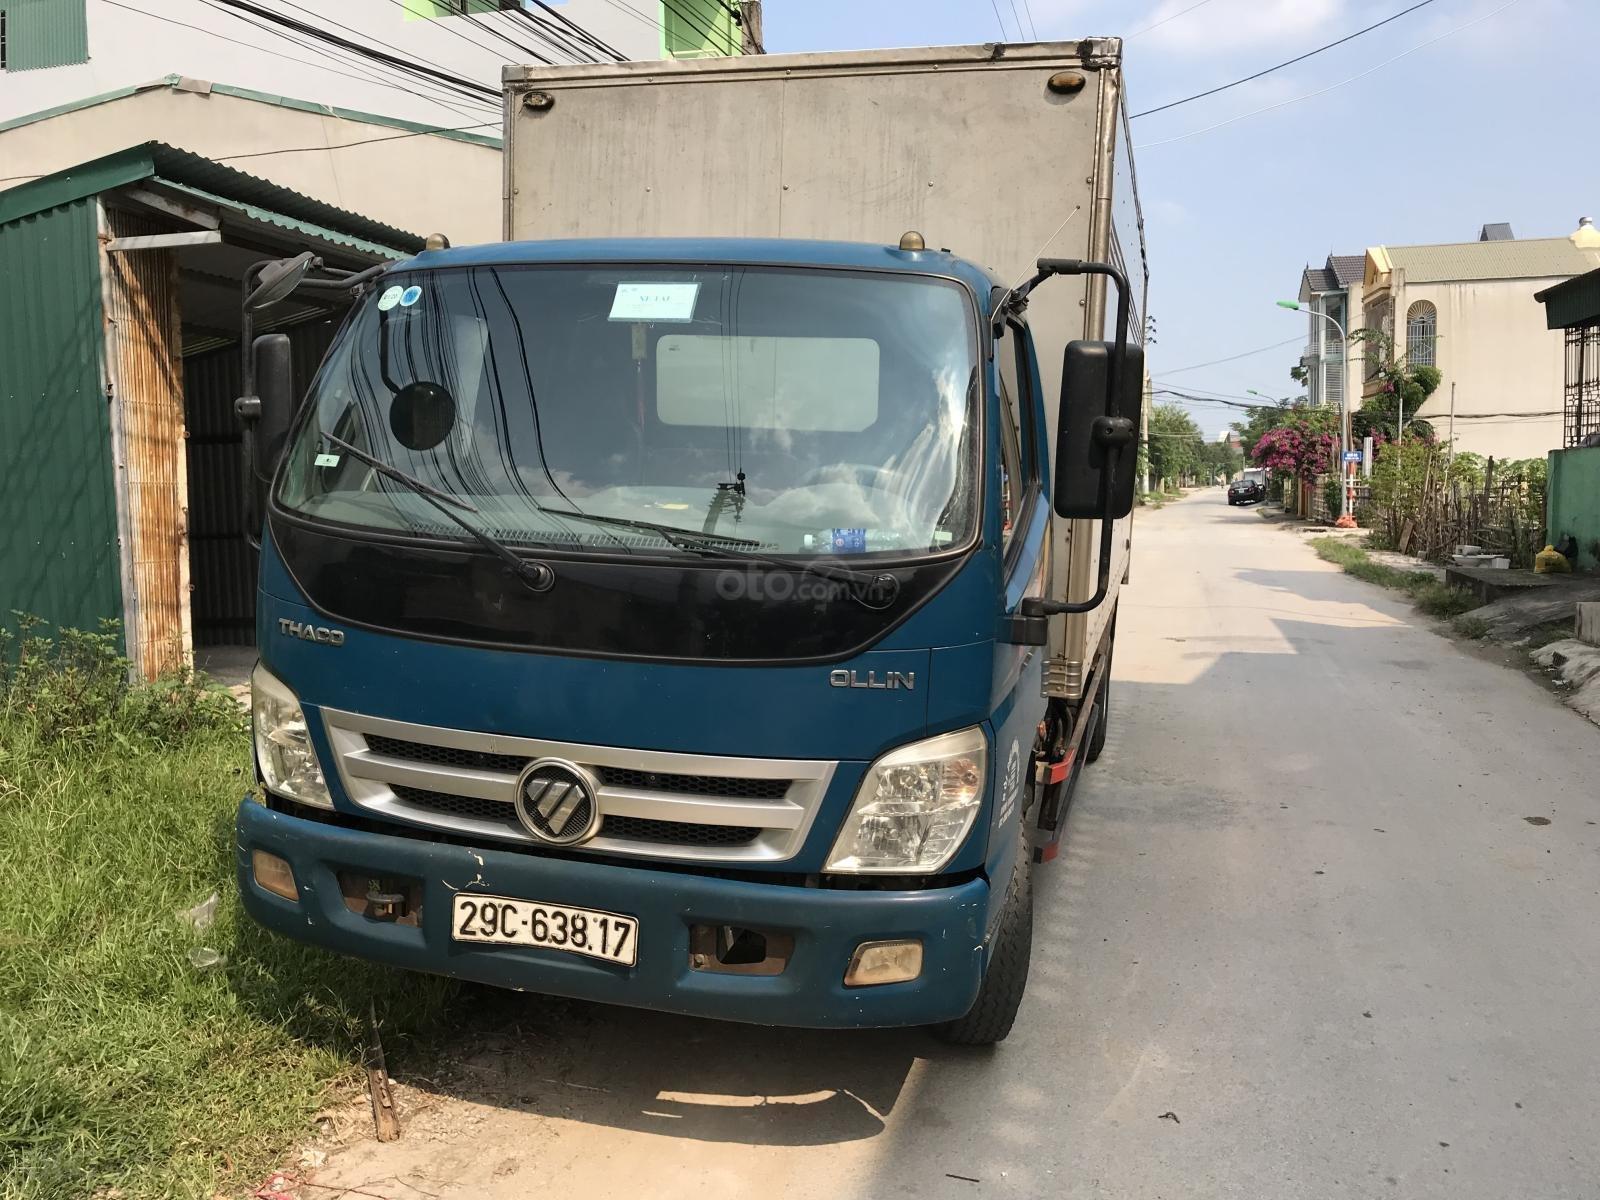 Bán xe tải Ollin 700C thùng kín đã qua sử dụng, thùng 5,77m, tải 7 tấn (3)